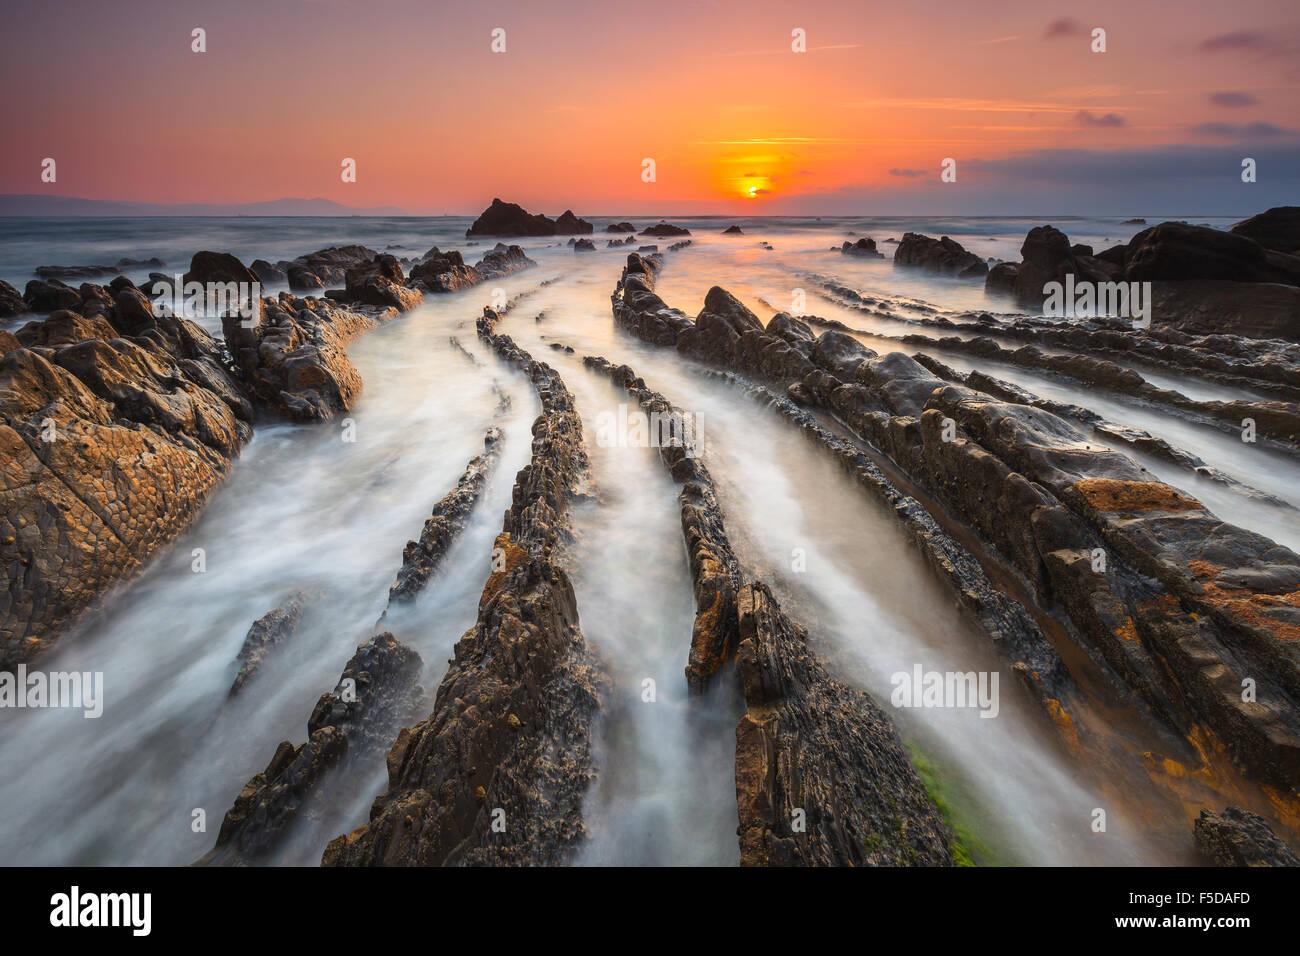 La meravigliosa spiaggia di Barrika, nella provincia di Vizcaya, Paesi Baschi, dal tramonto. Immagini Stock